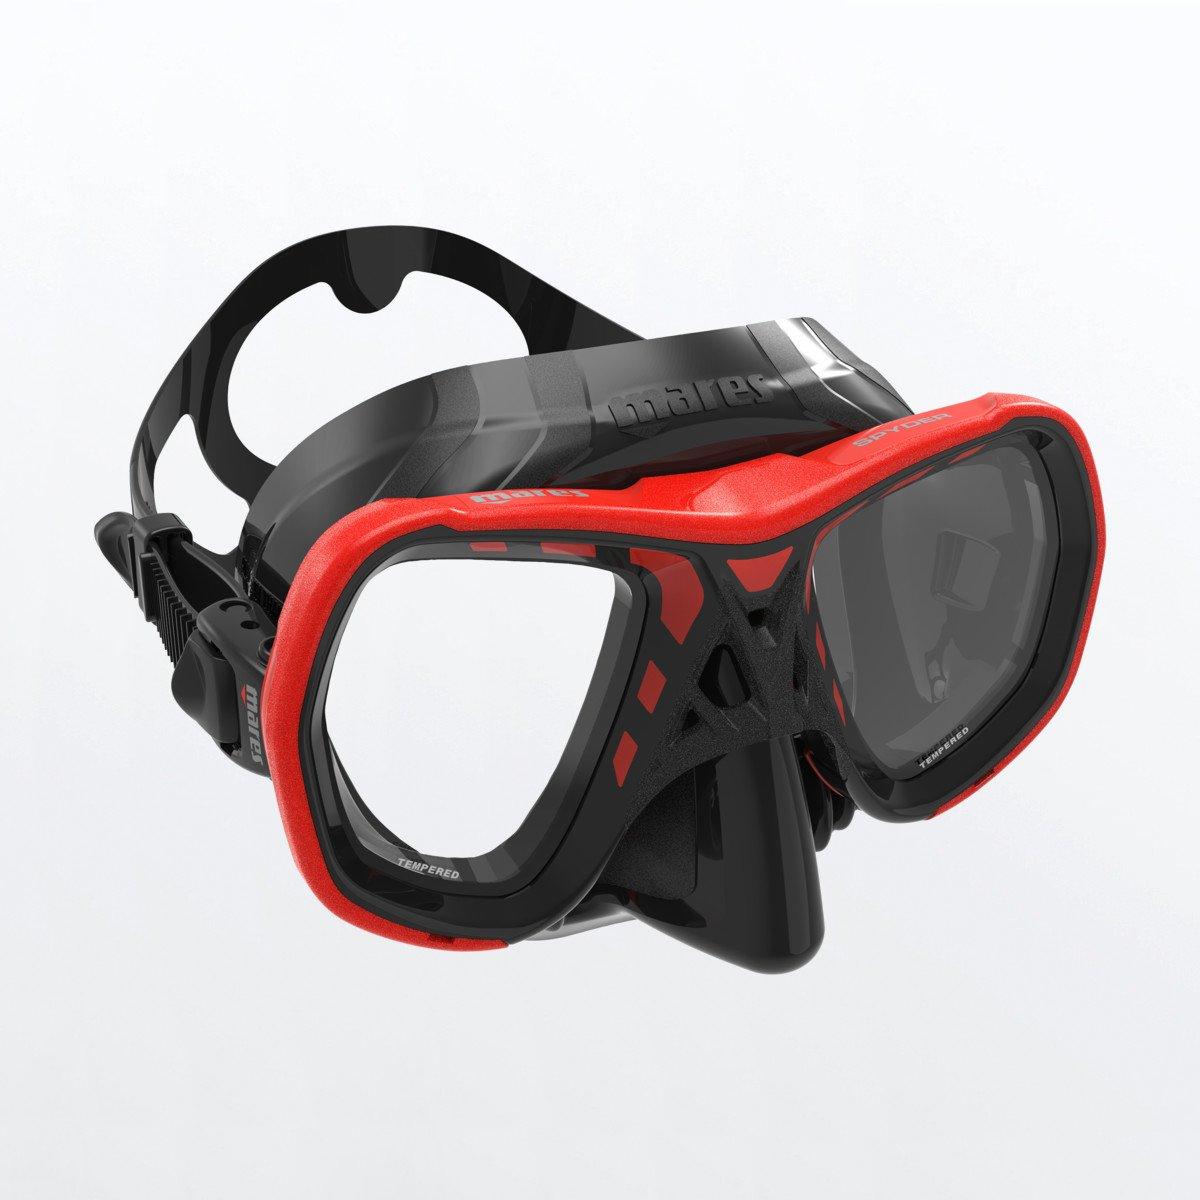 Mares Spyder Mask